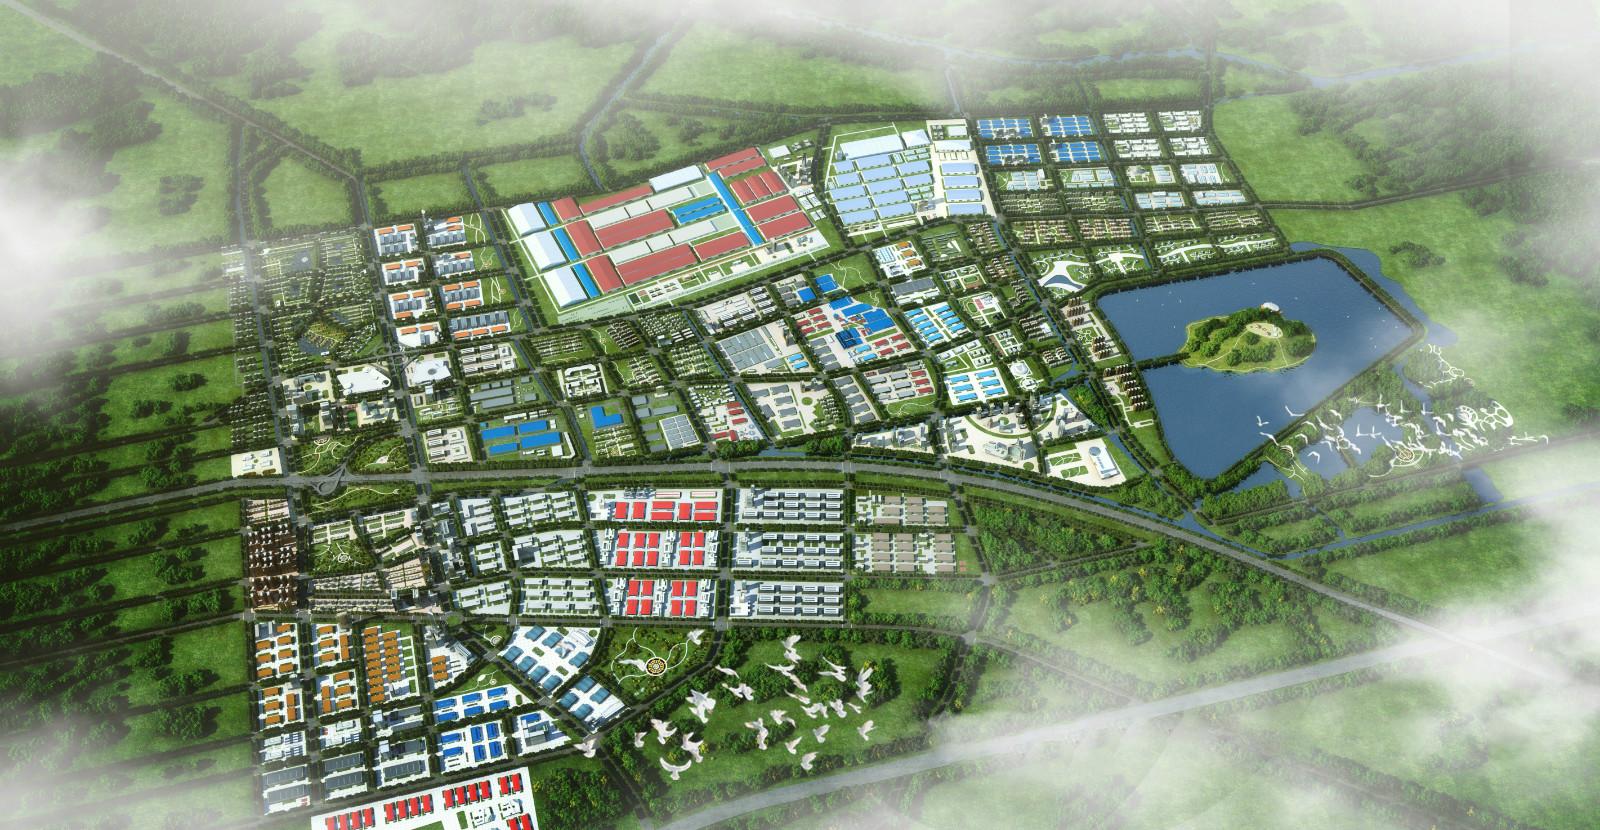 祥鑫科技等为代表的新能源汽车及核心部件产业;以忠旺铝业,天宜上佳新